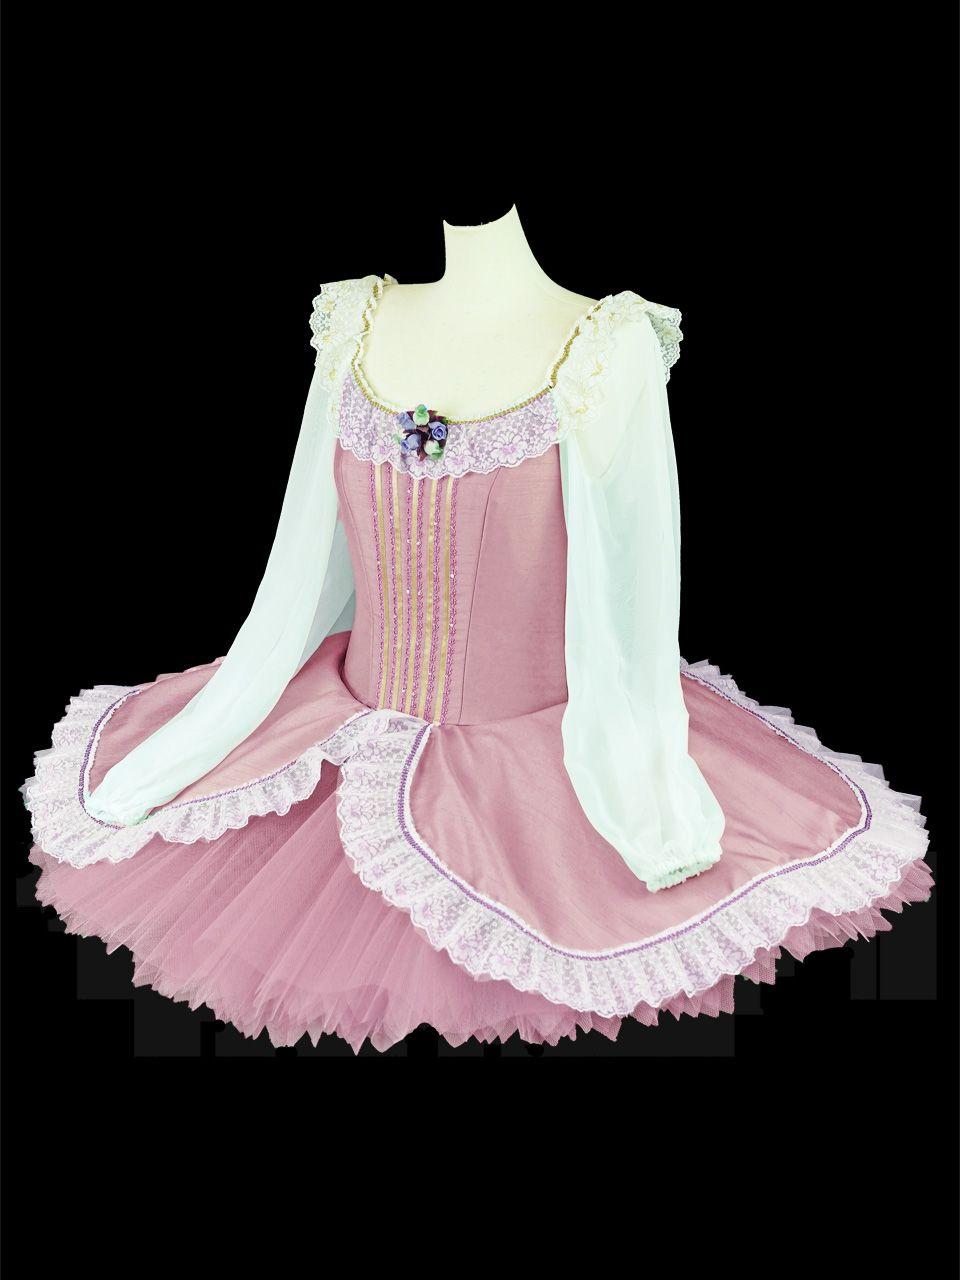 Pin de Rosalia Bittencourt en tutu/costumes | Pinterest | Vestuarios ...